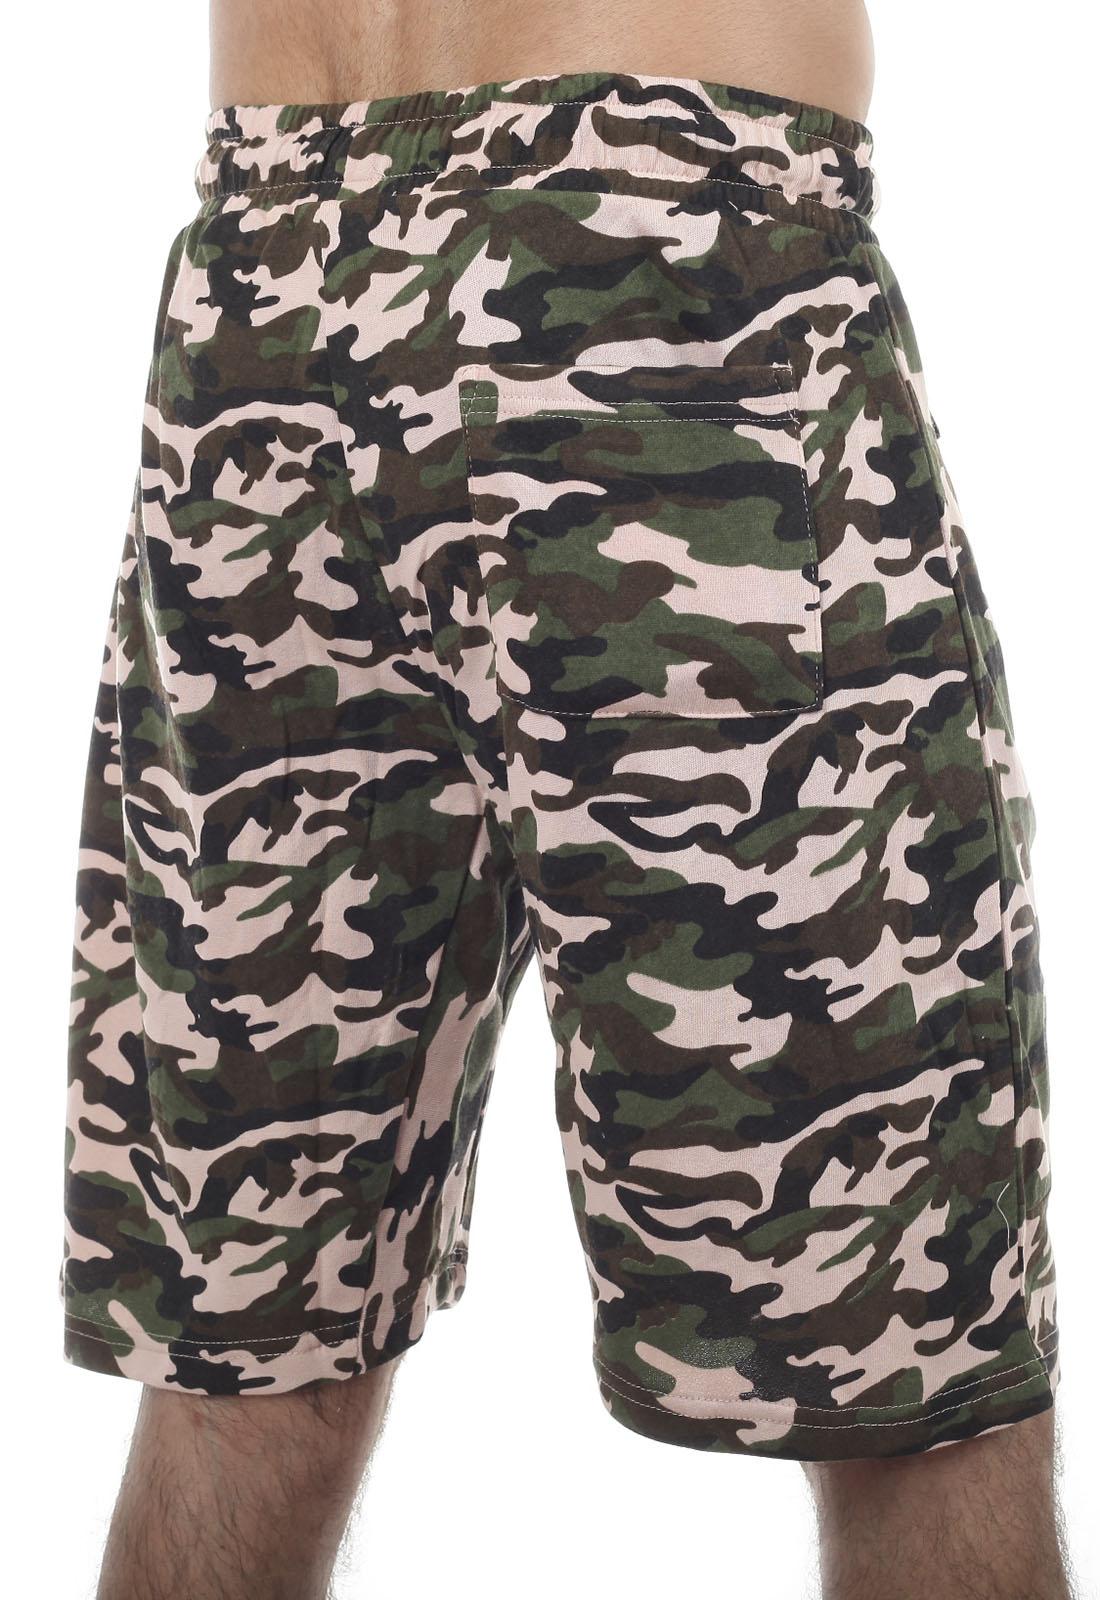 Продажа спецназовской униформы: шорты, футболки, толстовки ГРУ